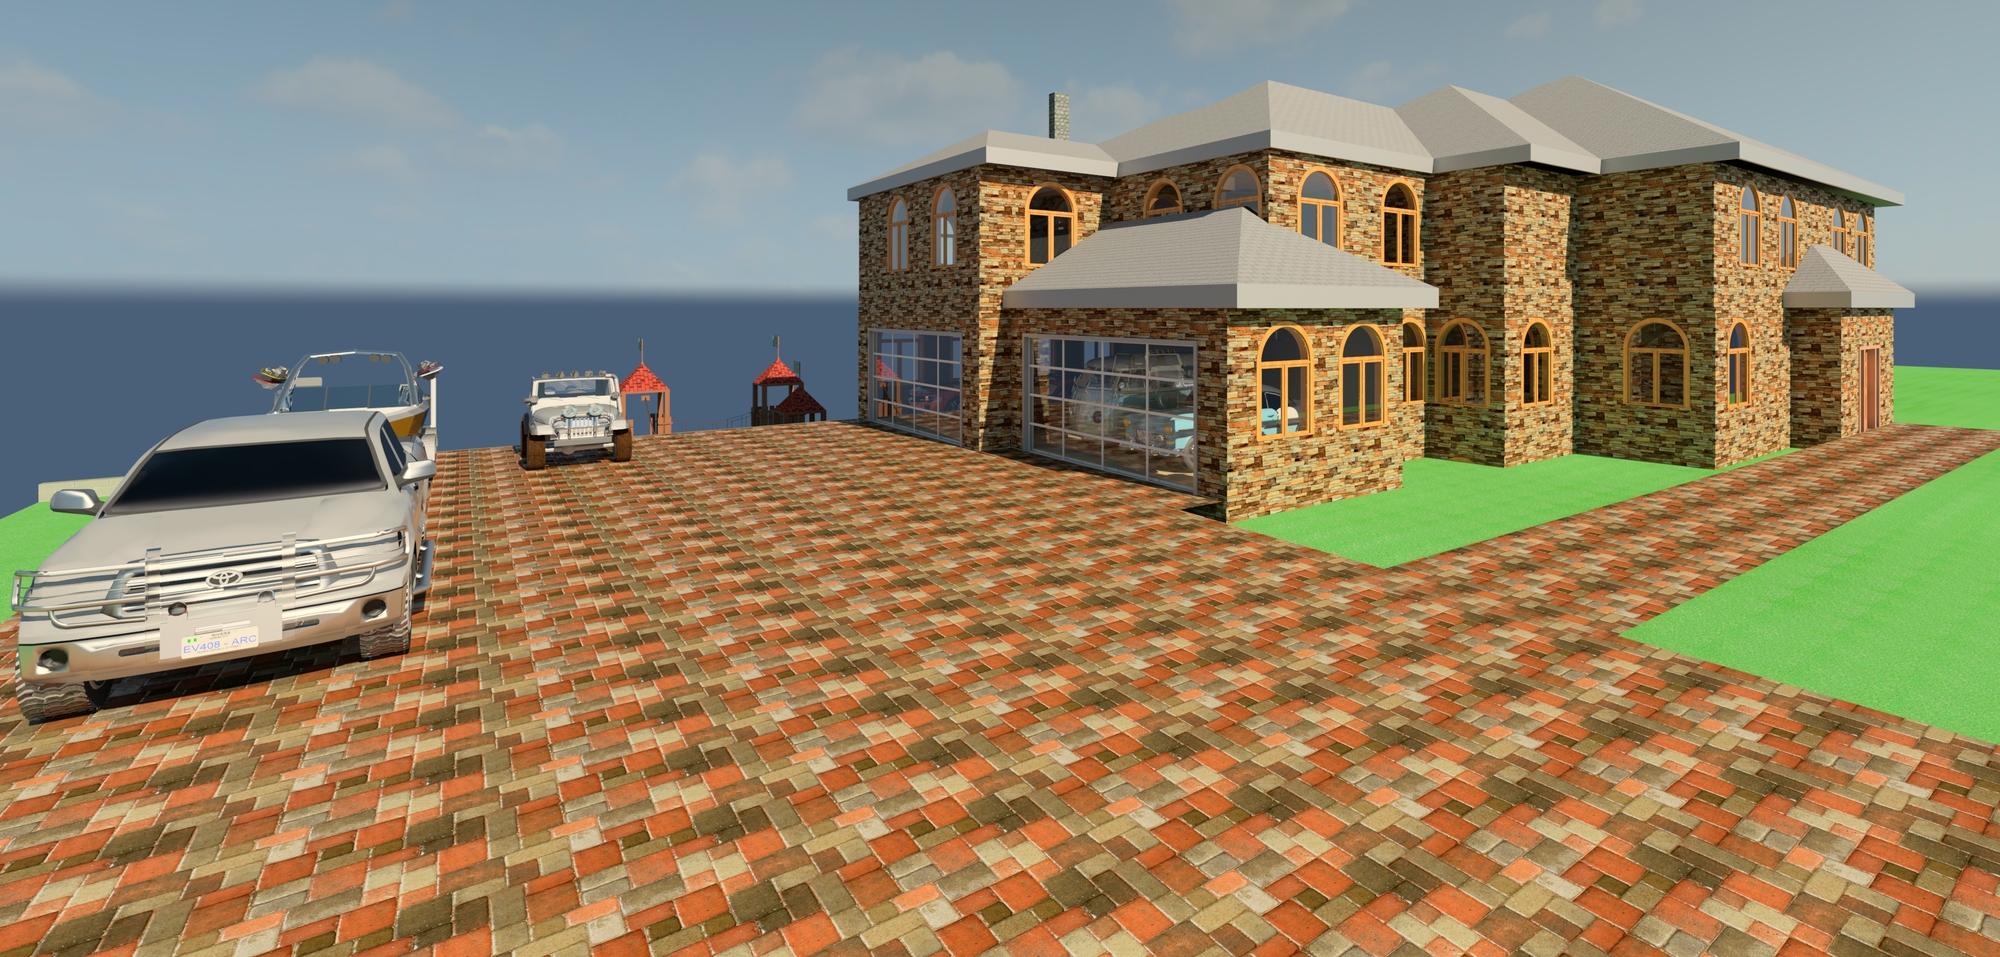 Raas-rendering20140930-5011-ueslci